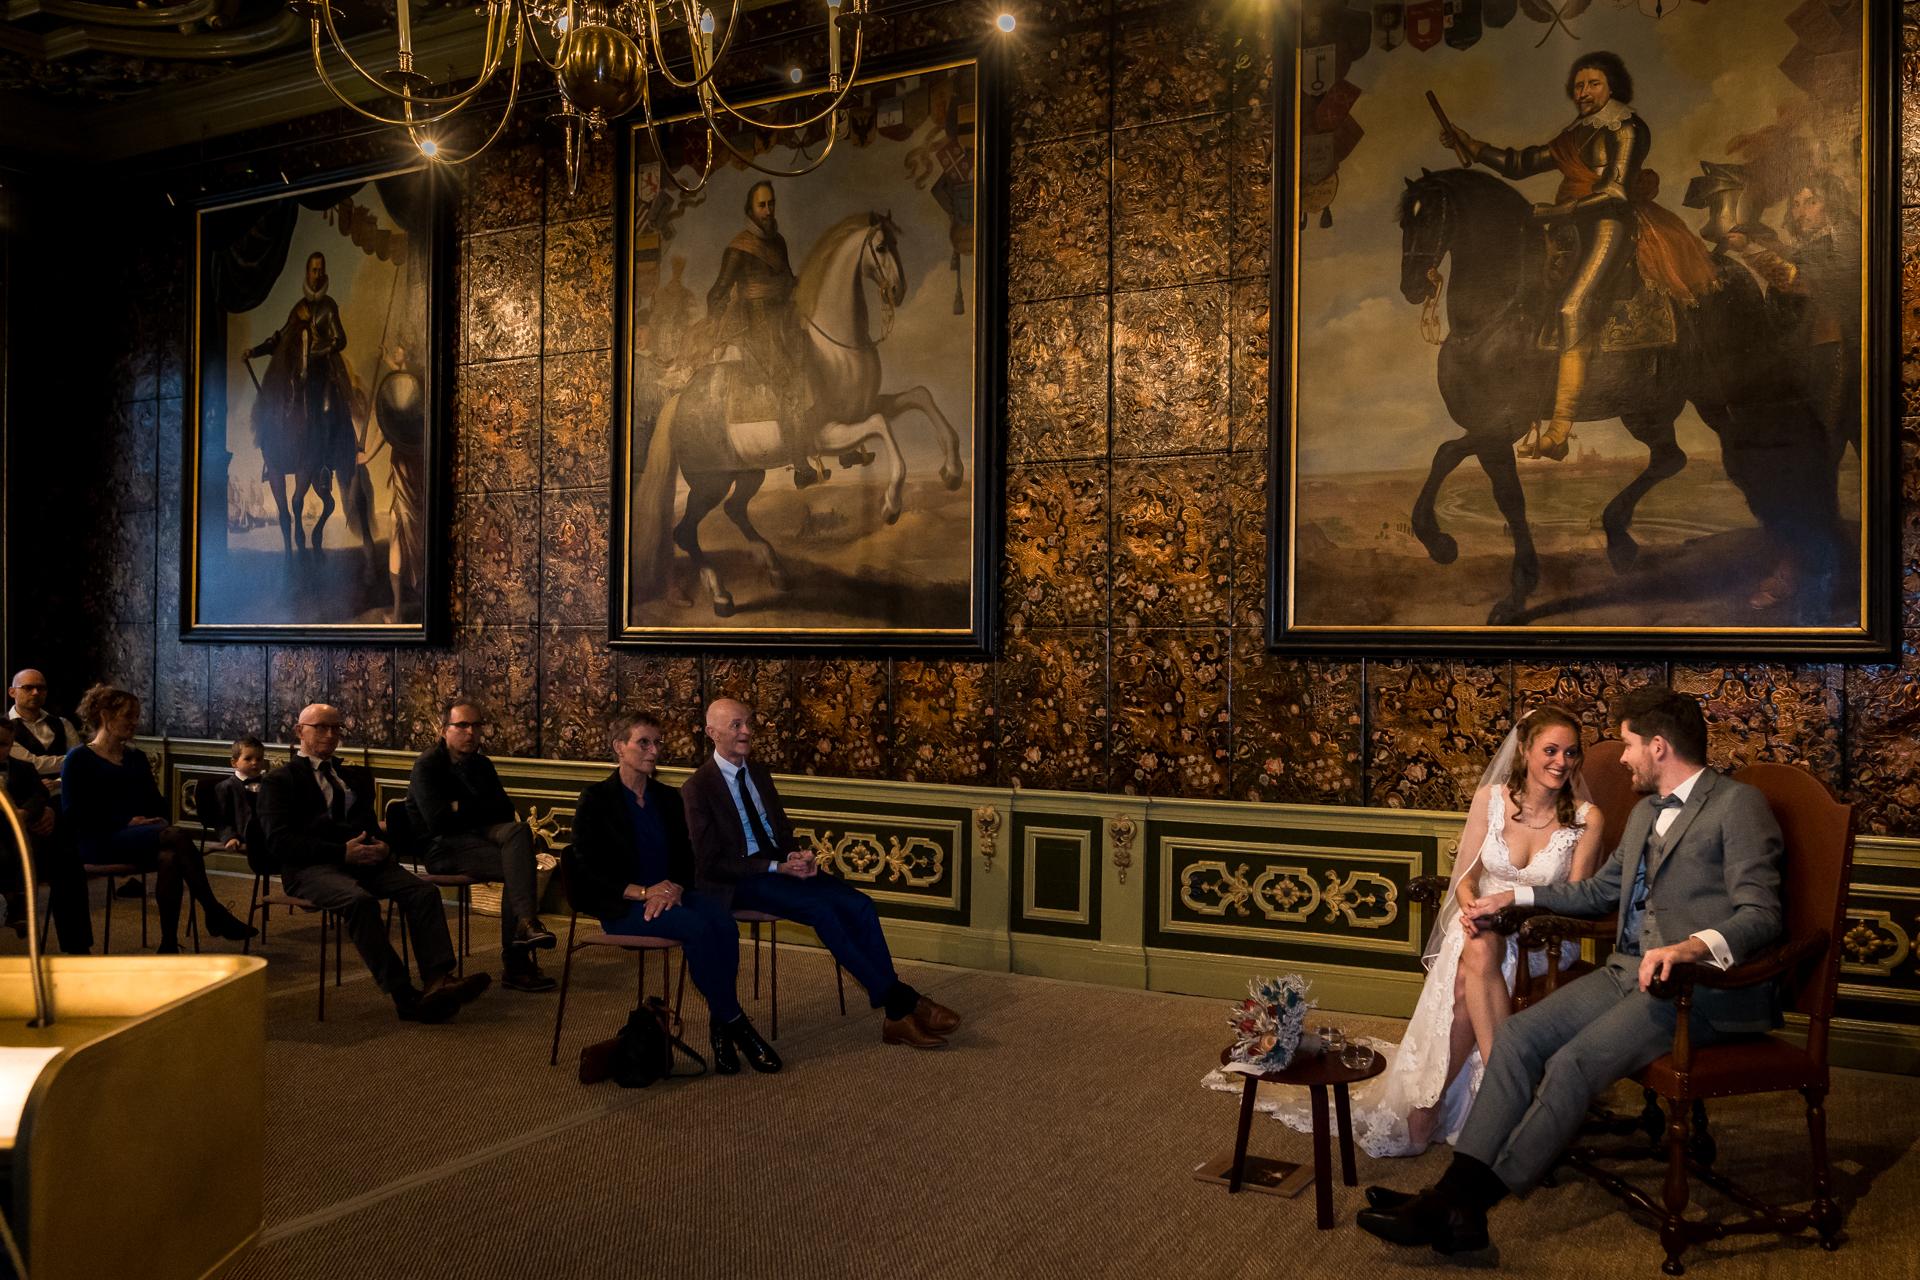 Hôtel de ville de Harderwijk - Cérémonie de mariage néerlandais Photo | Les mariés sont assis ensemble à l'avant d'une pièce richement décorée